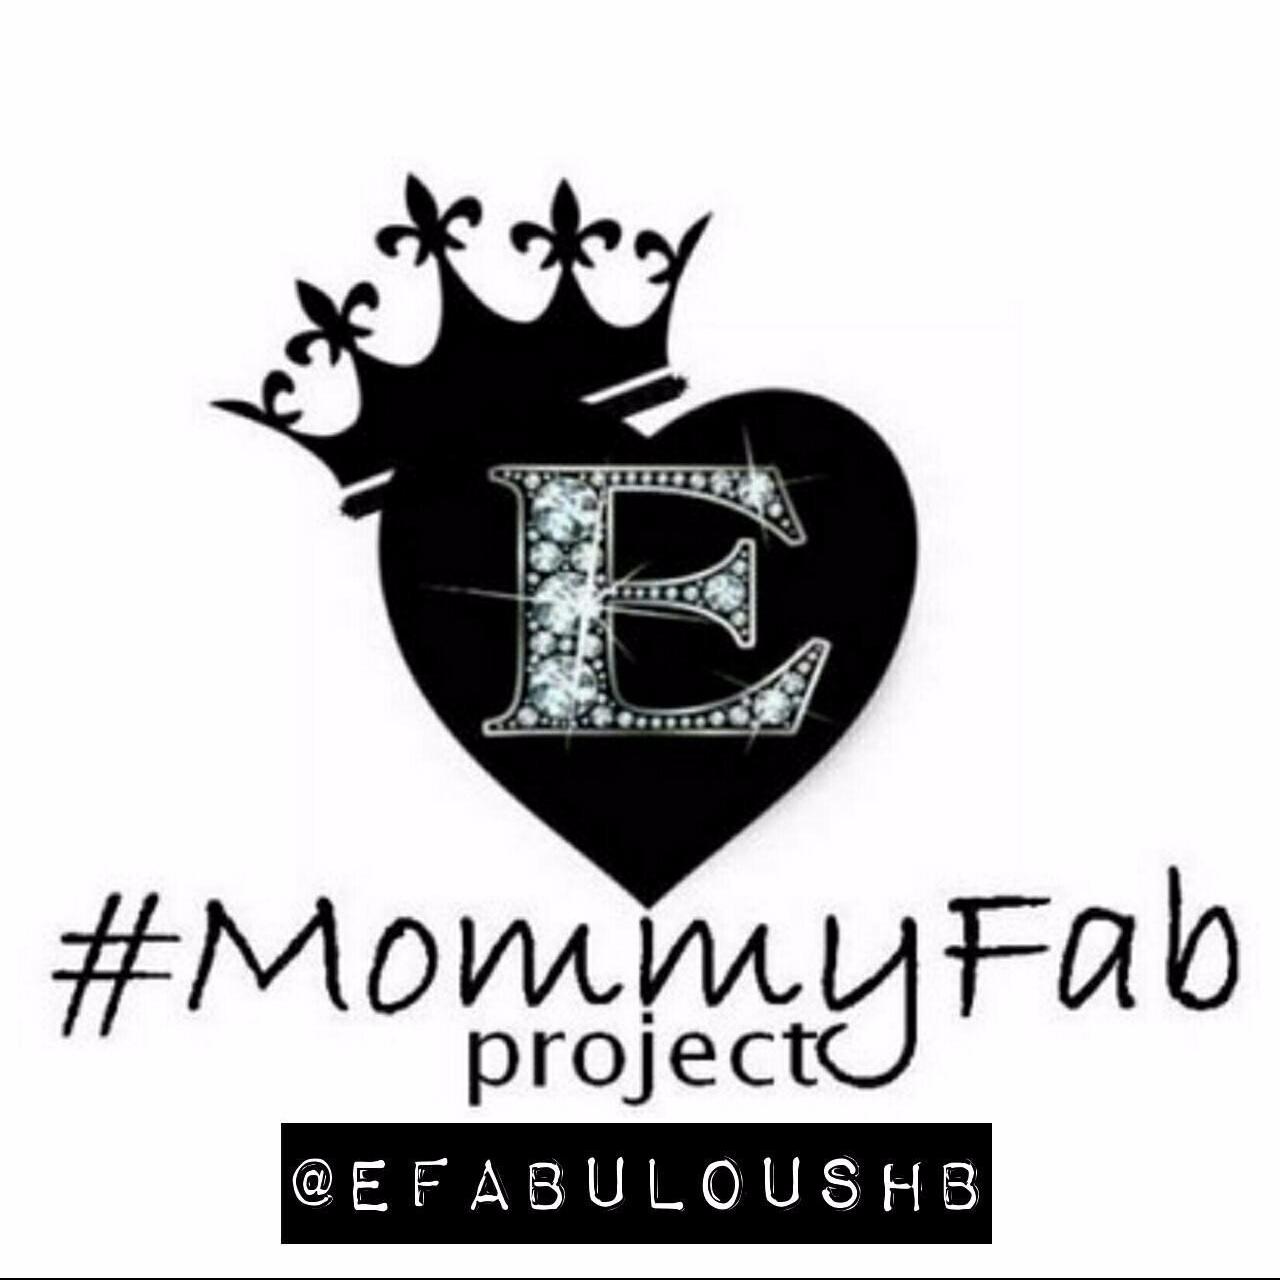 #Mommyfab [project] @EfabulousHB